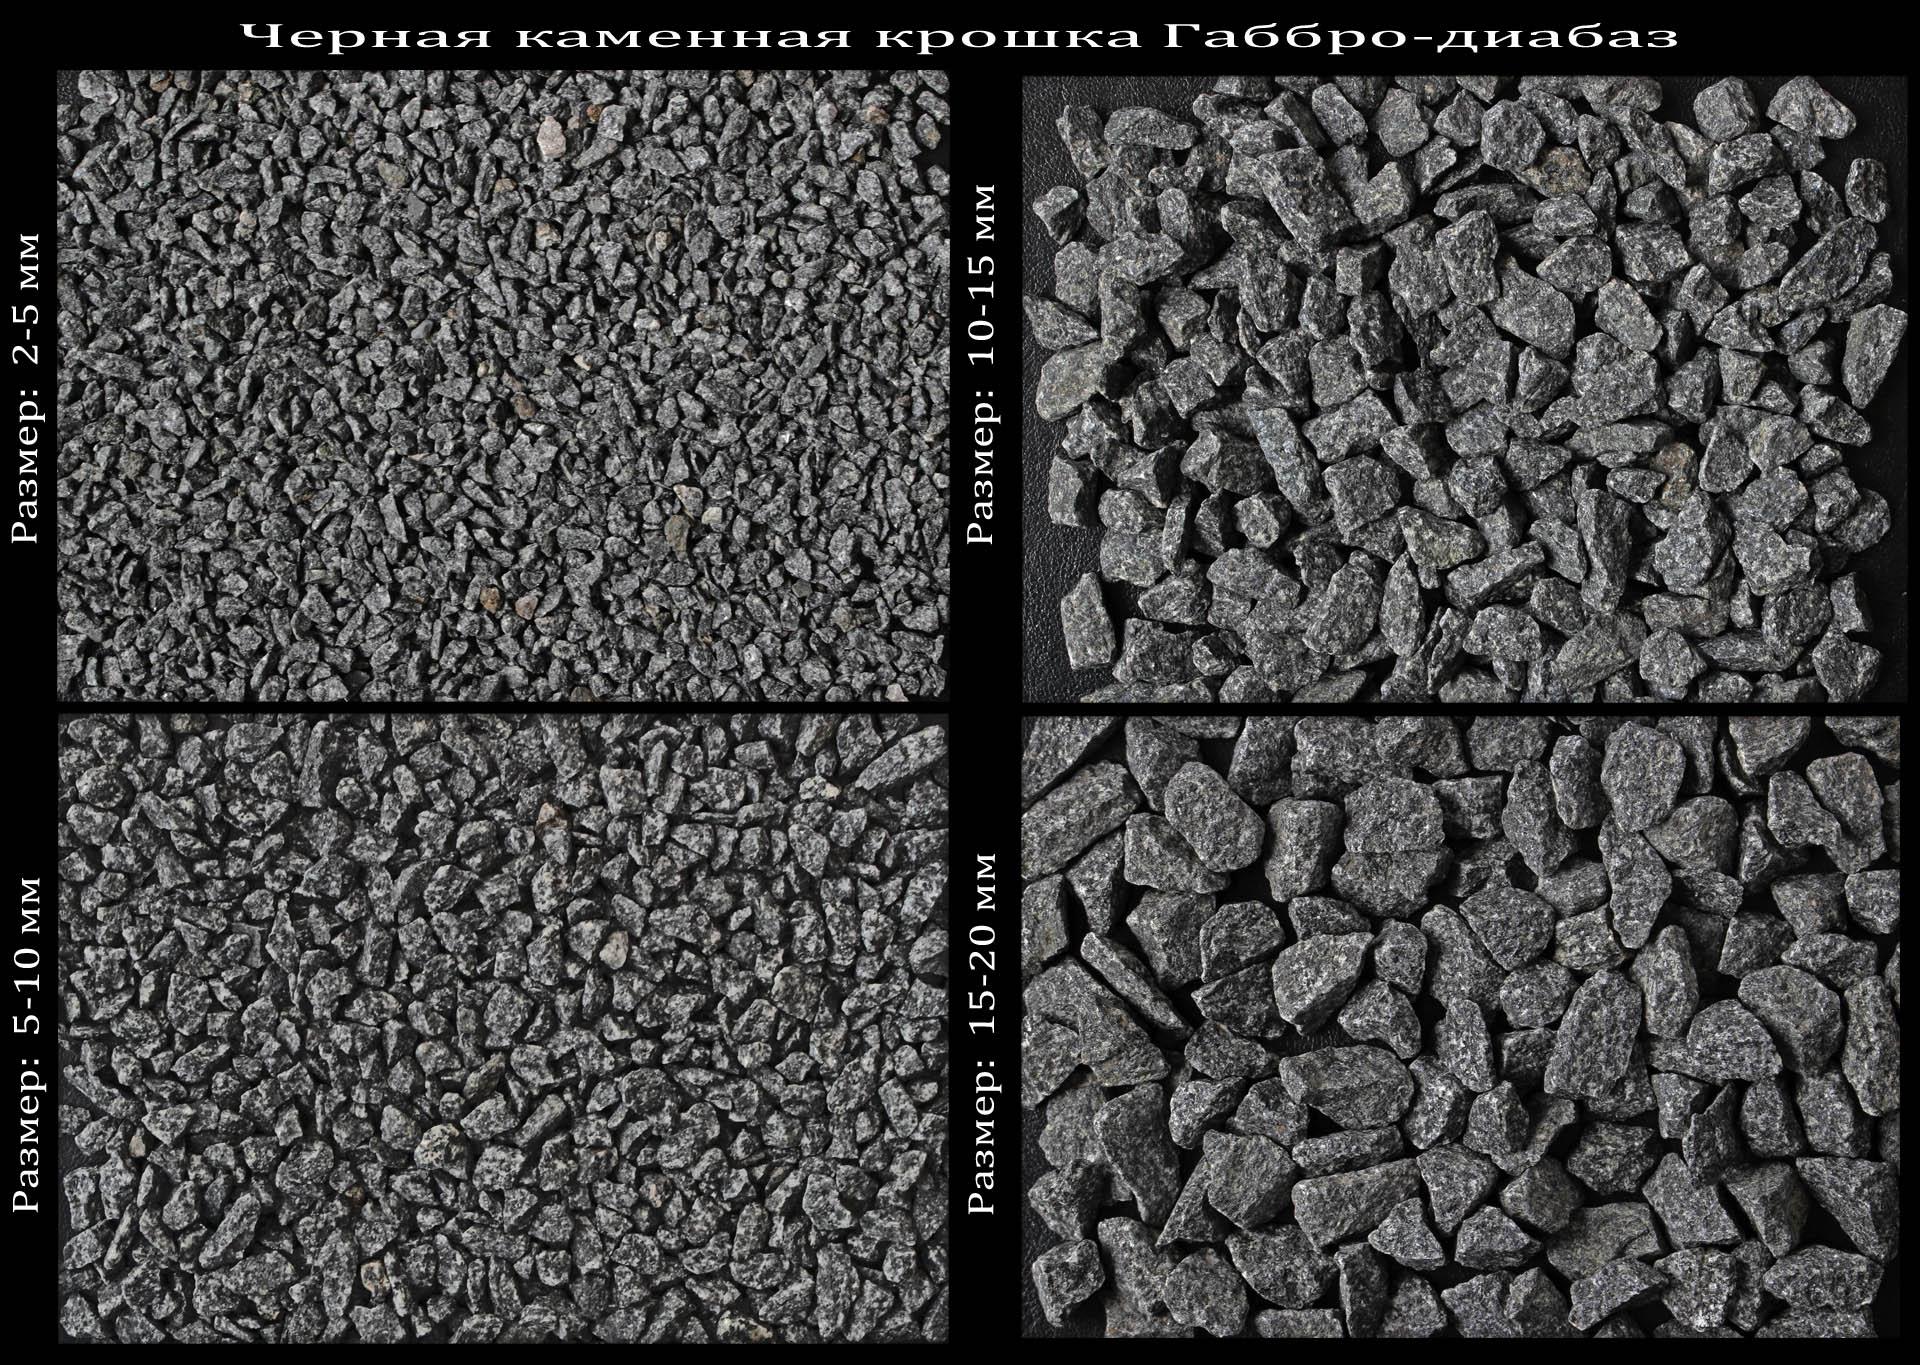 ЧЕРНЫЙ ГАББРО-ДИАБАЗ: габрро-диабазовая крошка фракционированная из черного карельского габбро-диабаза — рассев фракций 2-5 мм, 5-10 мм, 10-15 мм, 15-20 мм